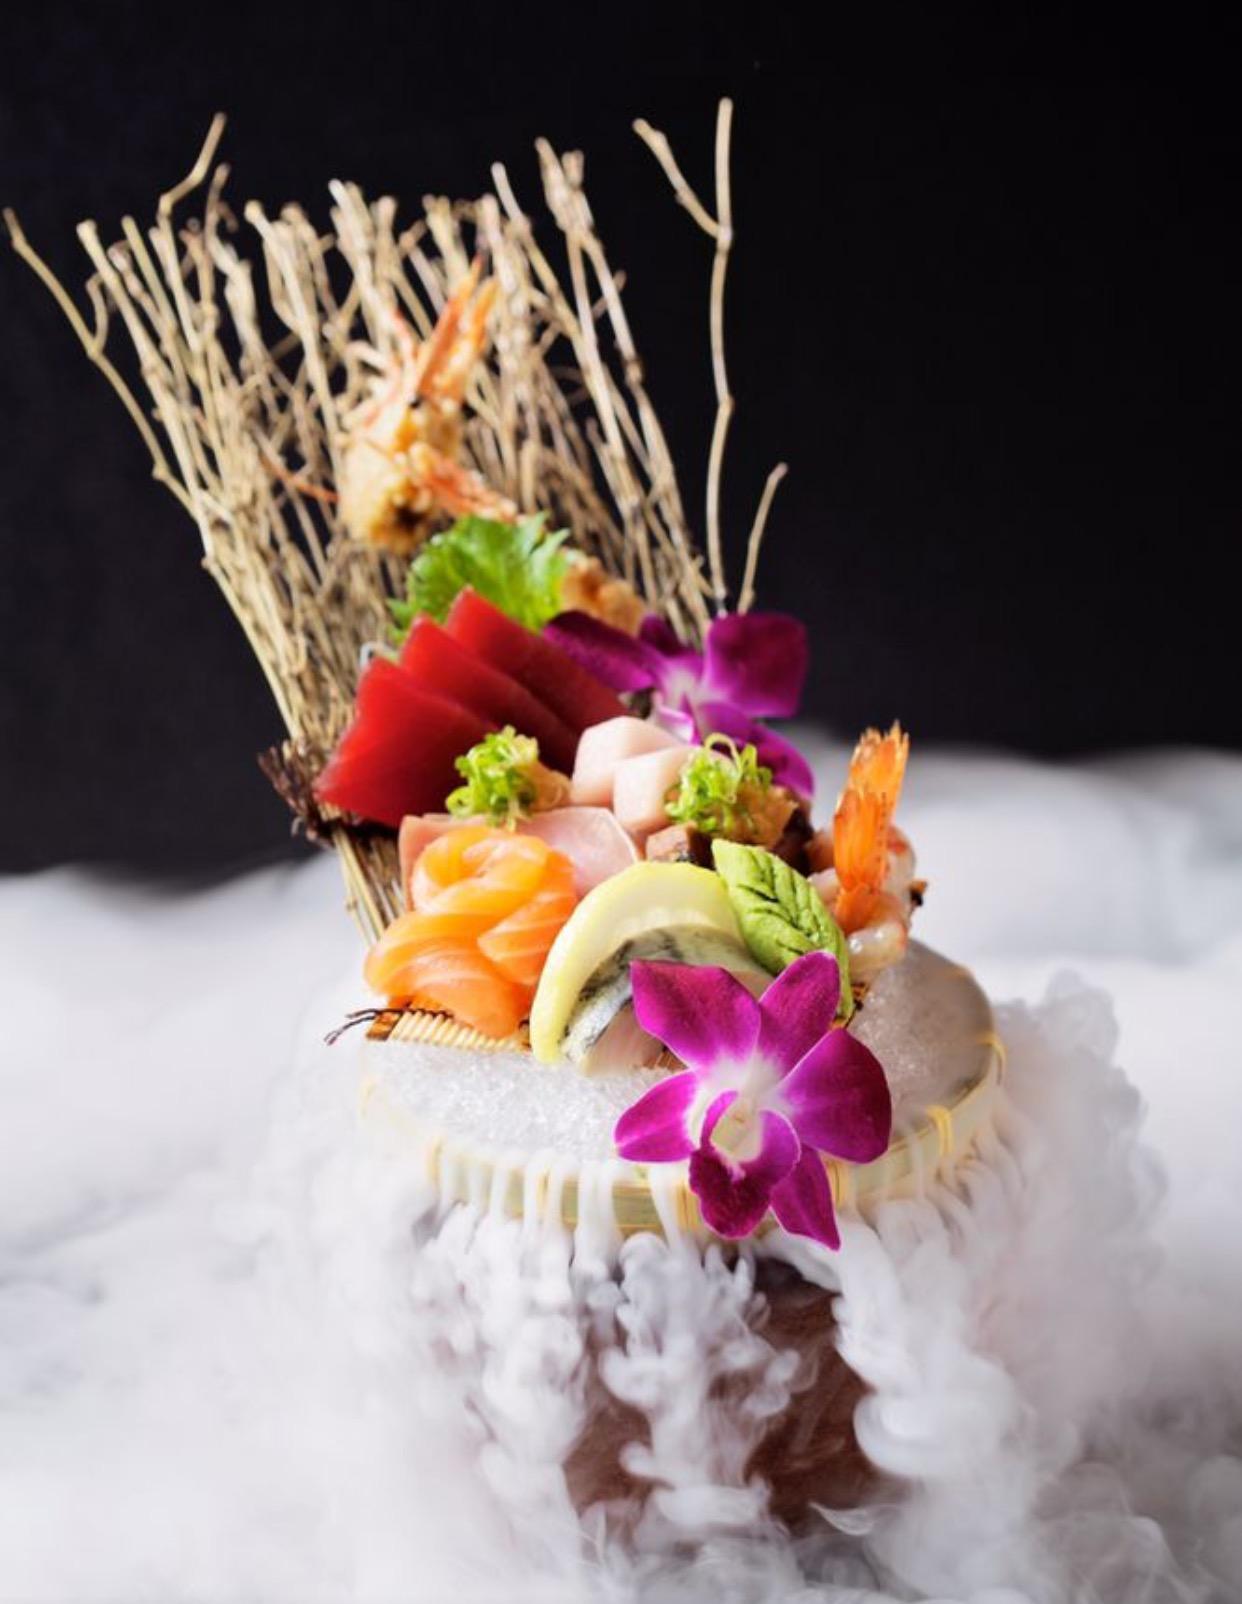 【サンフランシスコ】人気創作寿司店で寿司シェフ大募集!